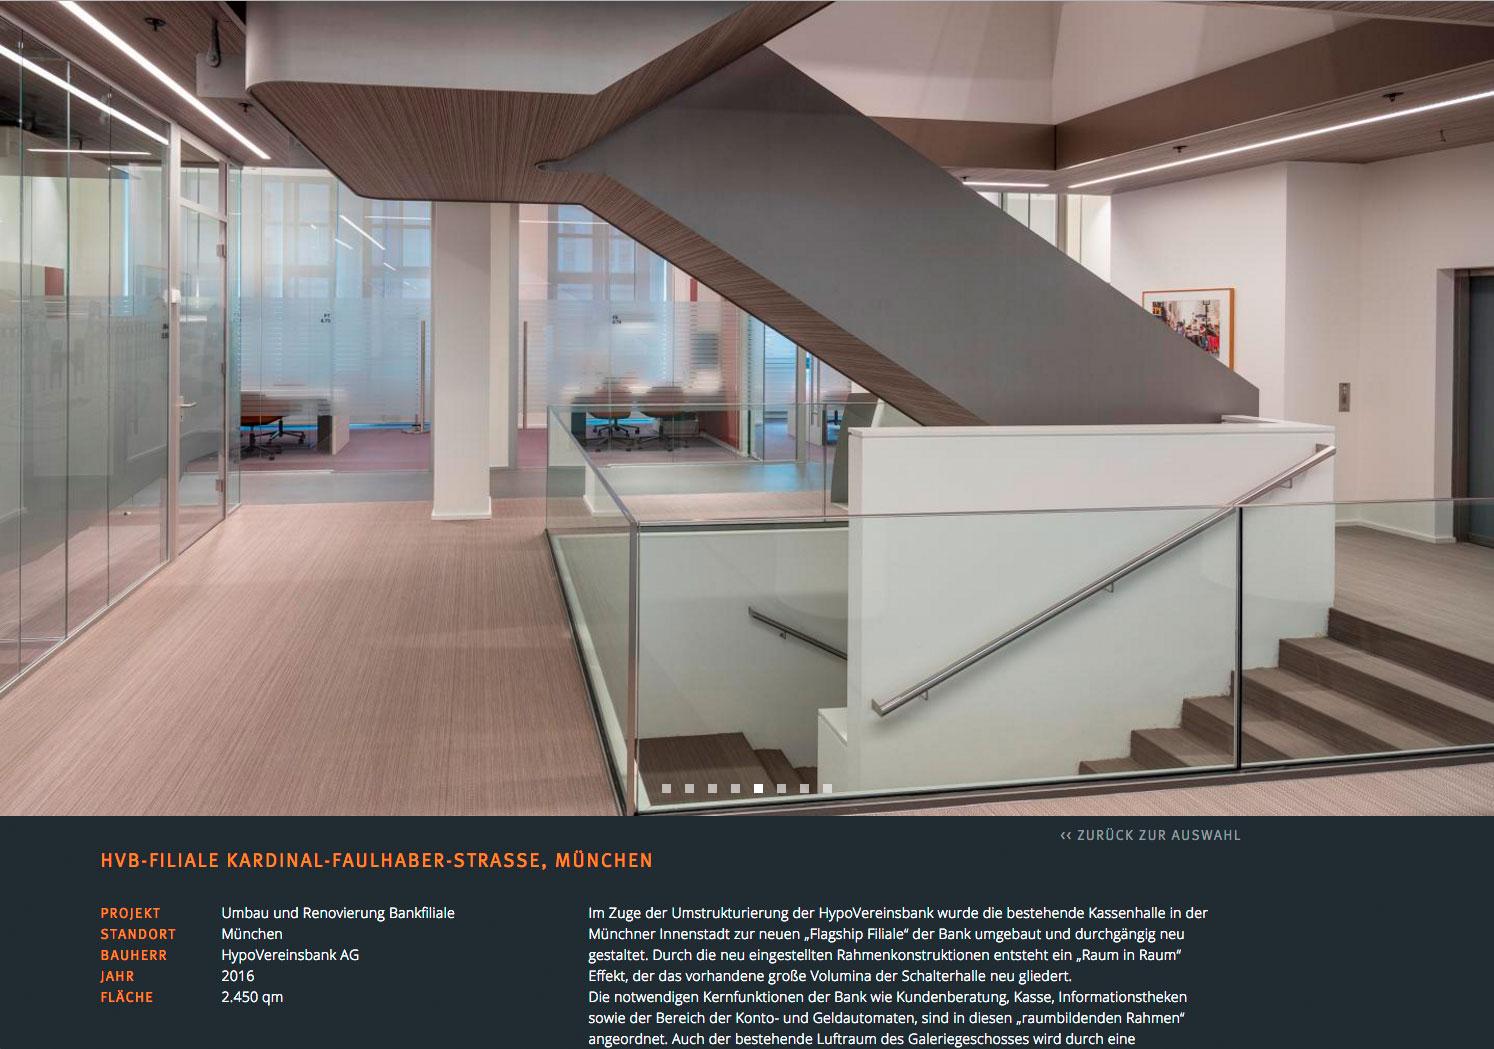 Architektur Webseite Projekte Architekten Webseite